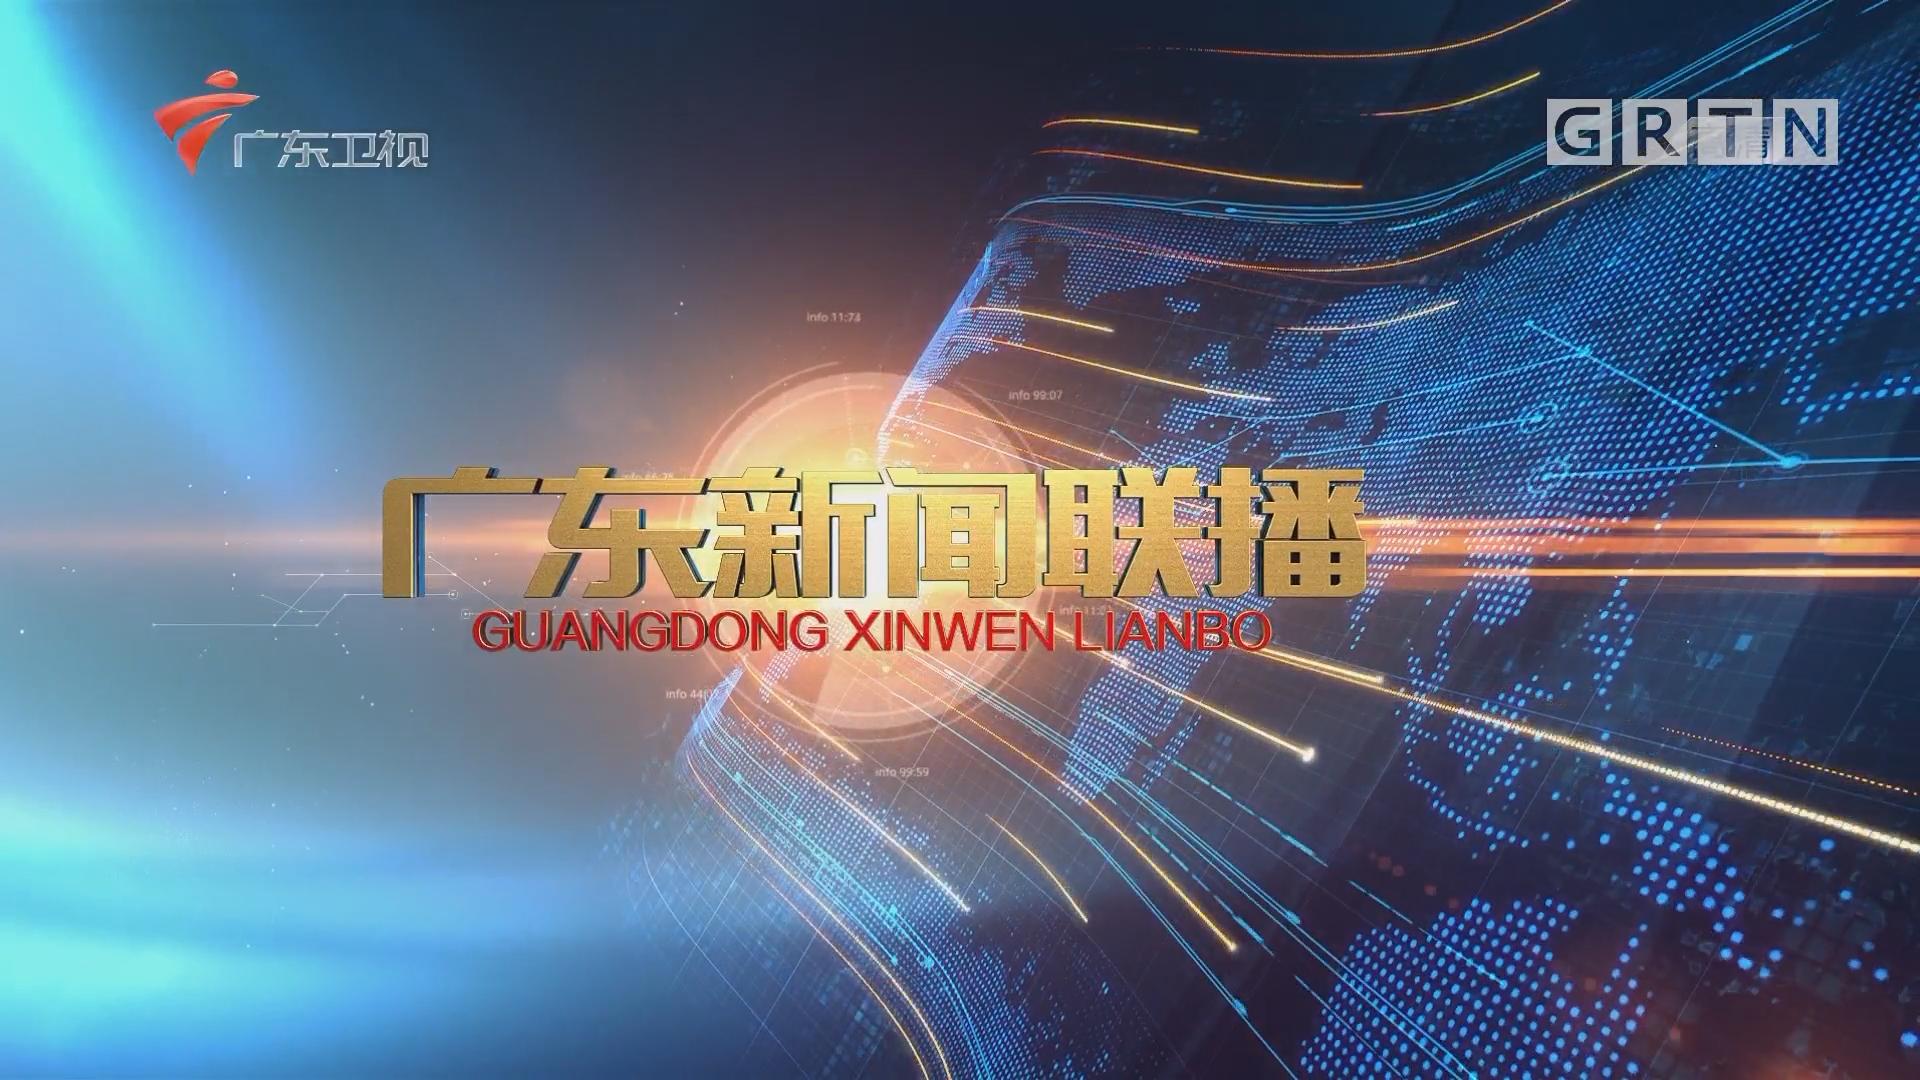 [HD][2018-07-07]广东新闻联播:习近平对泰国普吉游船倾覆事故作出重要指示要求全力搜救失踪人员